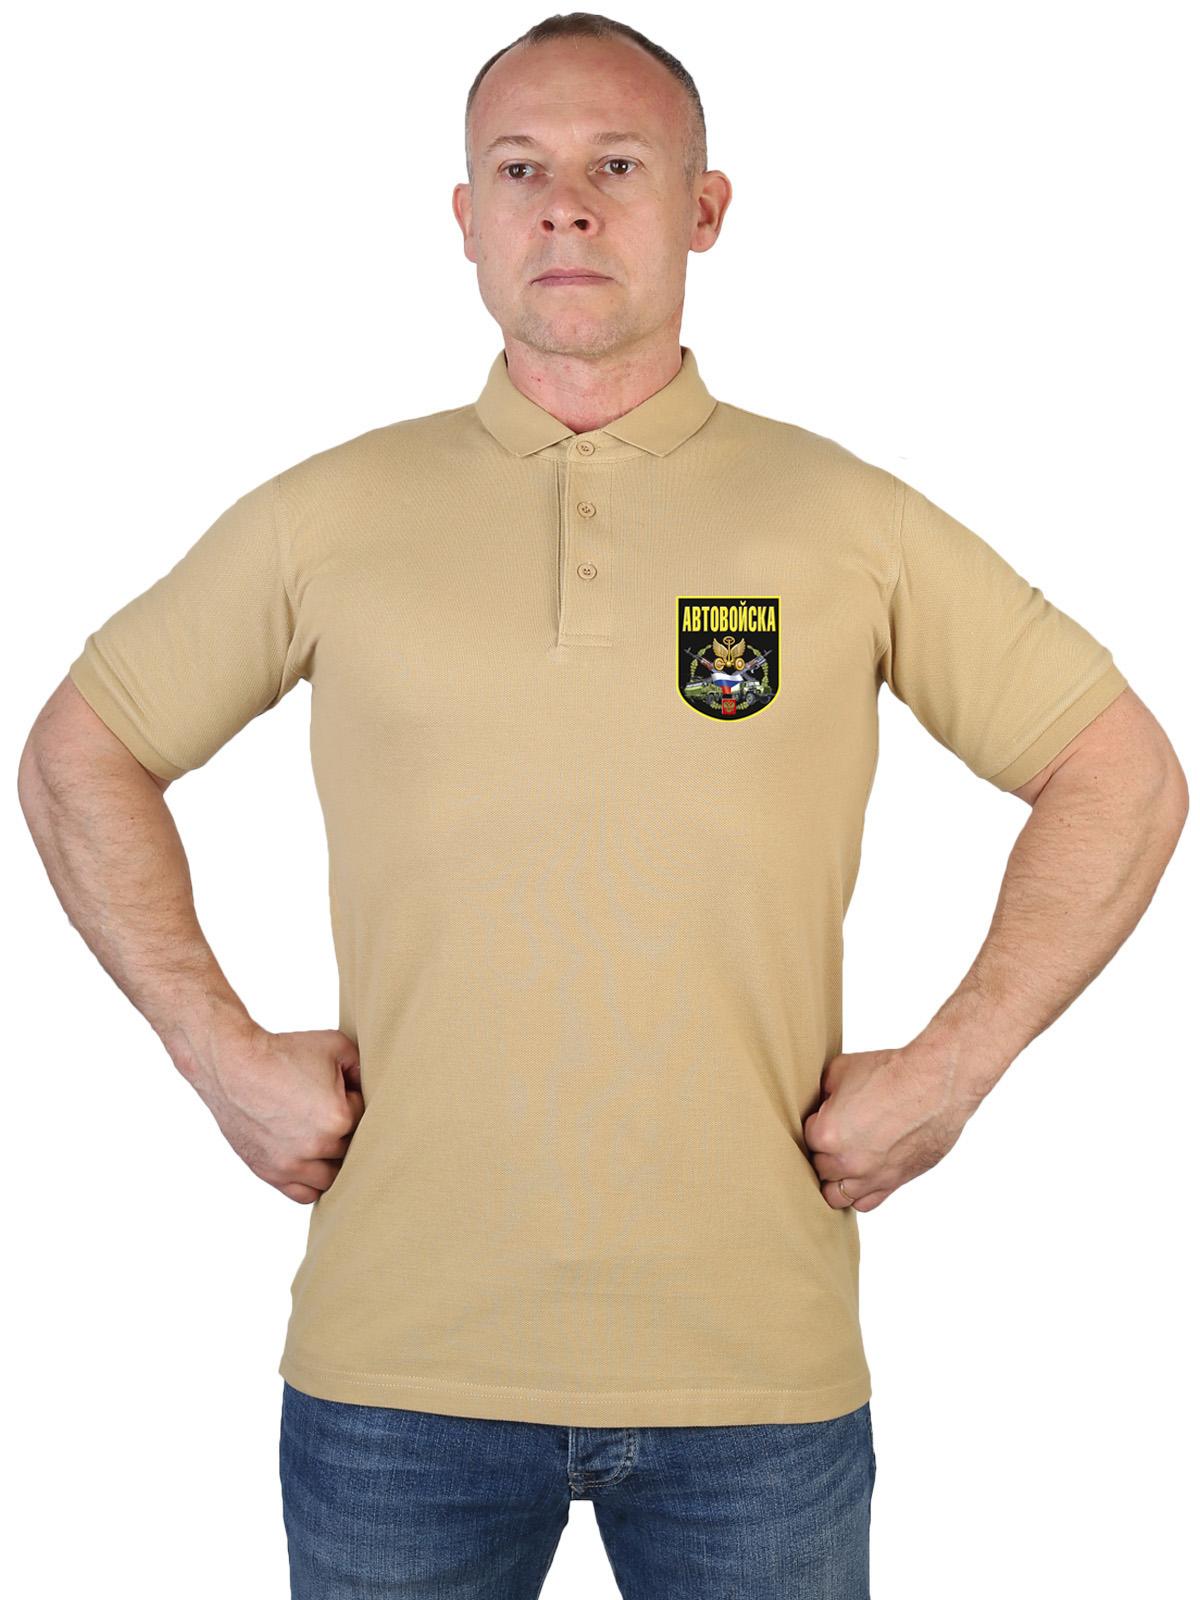 Купить удобную трикотажную футболку-поло с термонаклейкой Автовойска онлайн